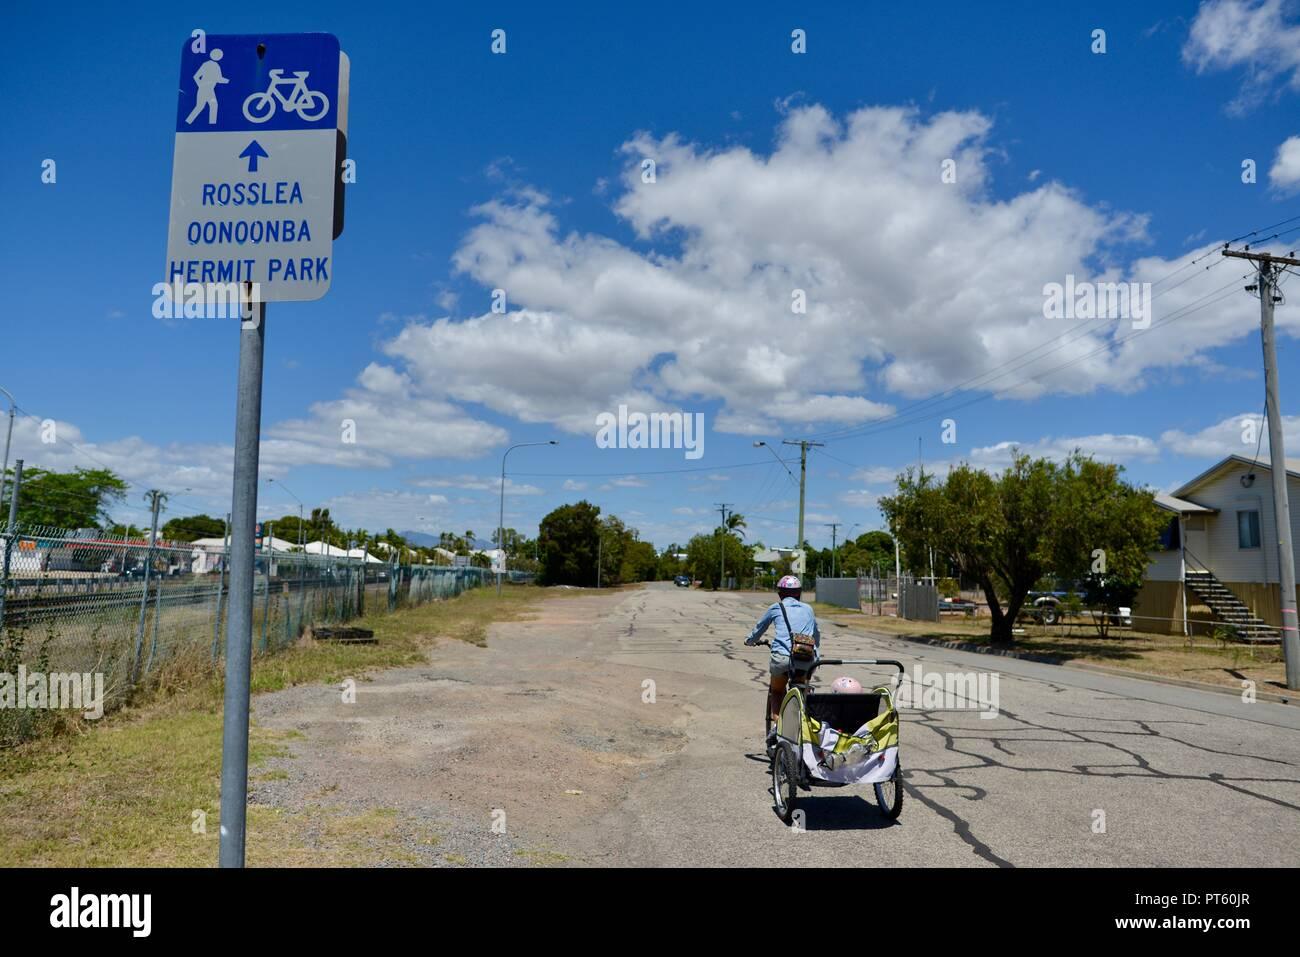 Mujer en bicicleta con un remolque de bicicleta para niños, Townsville, Queensland, Australia Foto de stock